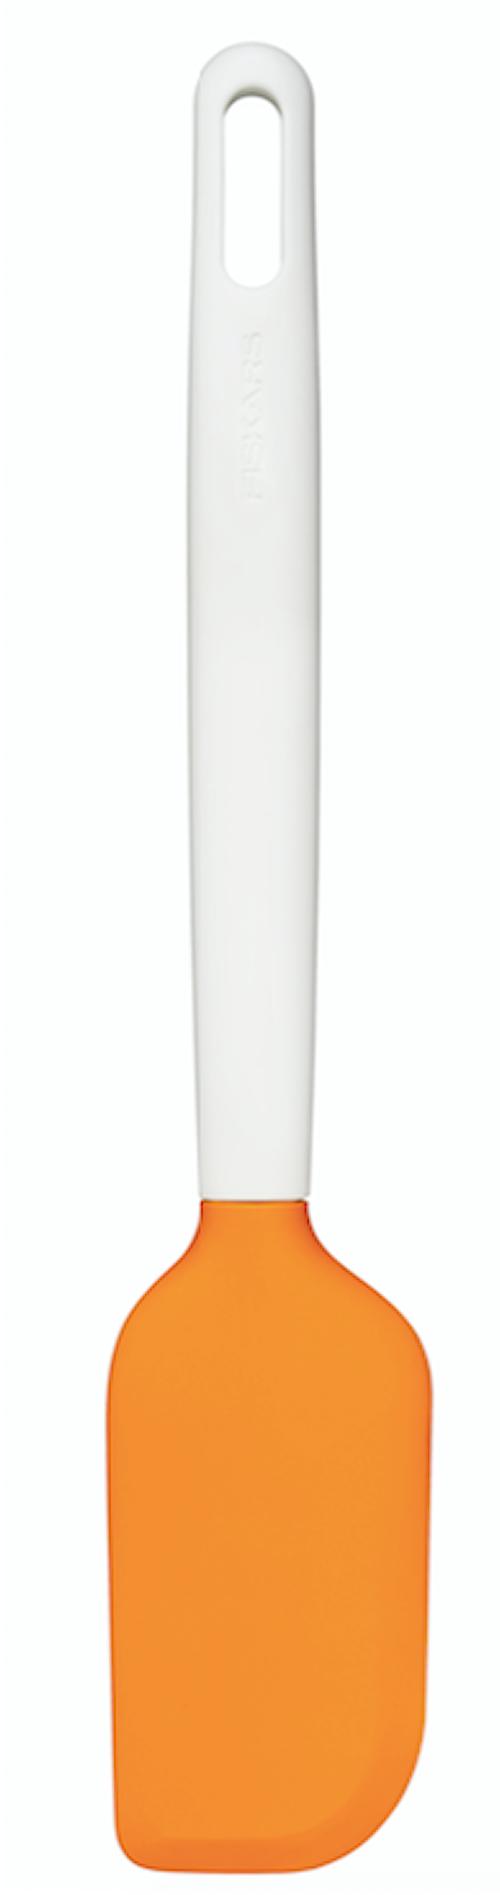 Functional Form Slickepott 26,5 cm